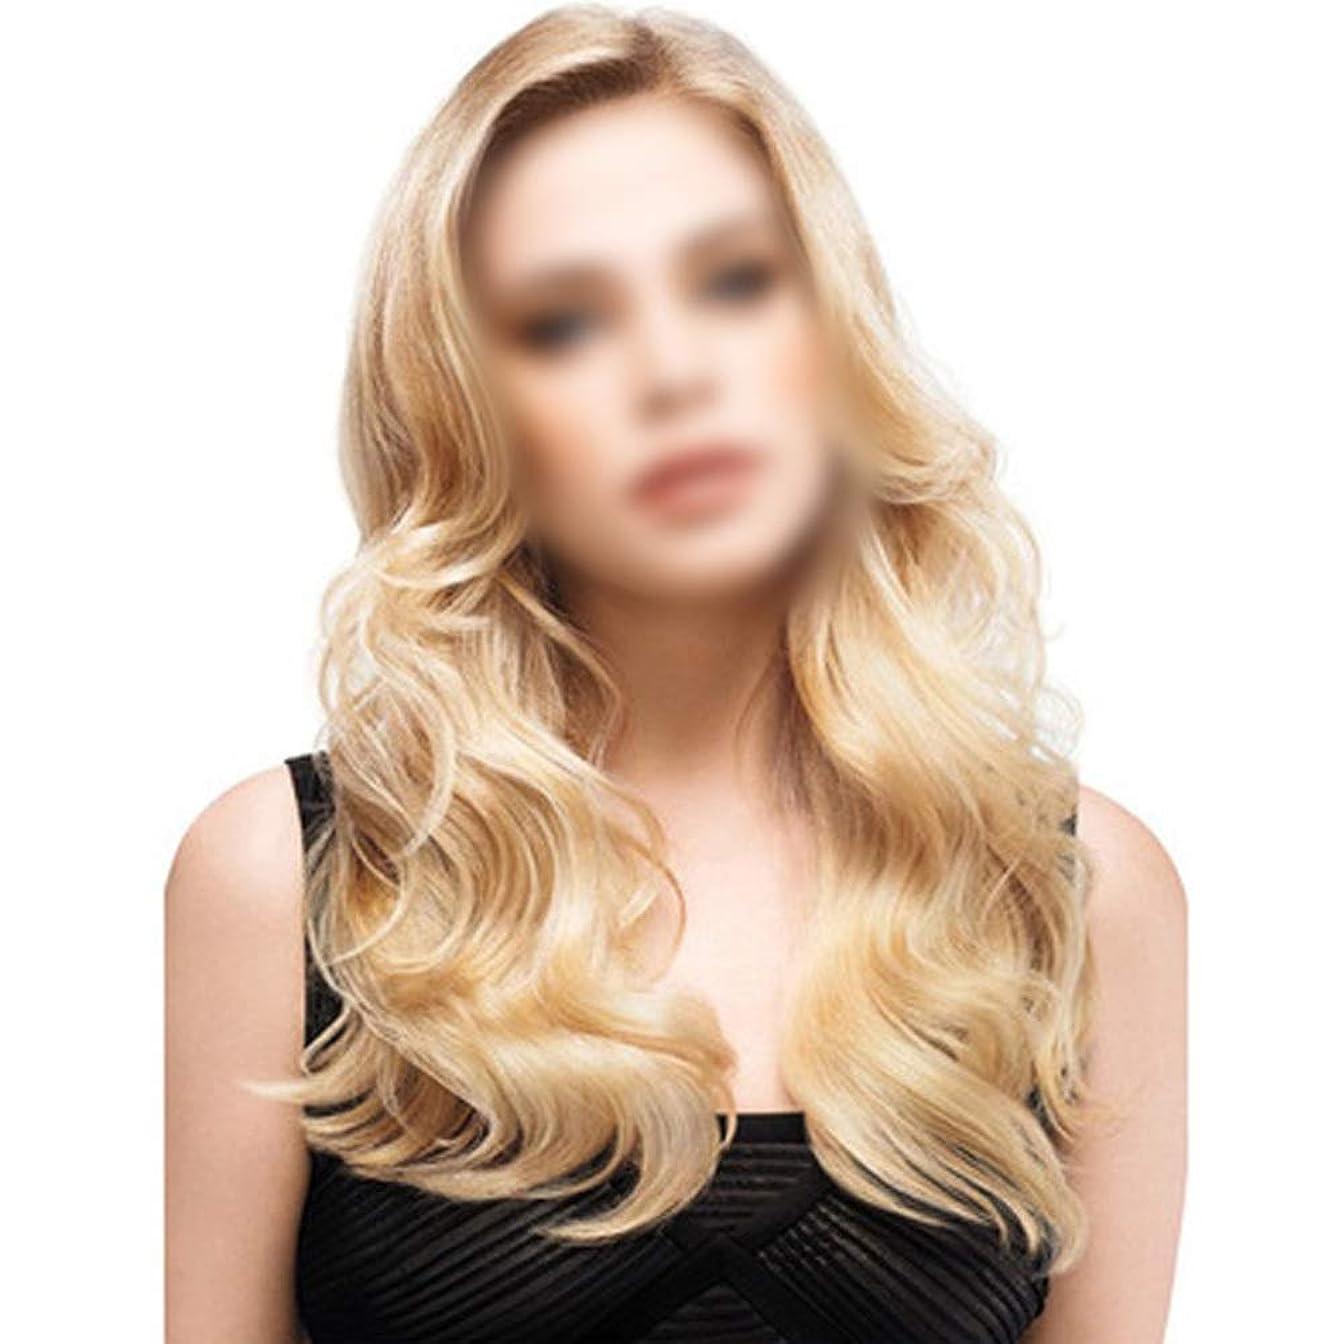 キャプテンブライ間違っている見捨てるYESONEEP 女性の日常の服のための長い巻き毛の波状のブロンドの髪かつら耐熱ファイバー+かつらキャップパーティーウィッグ (色 : Blonde, サイズ : 65cm)